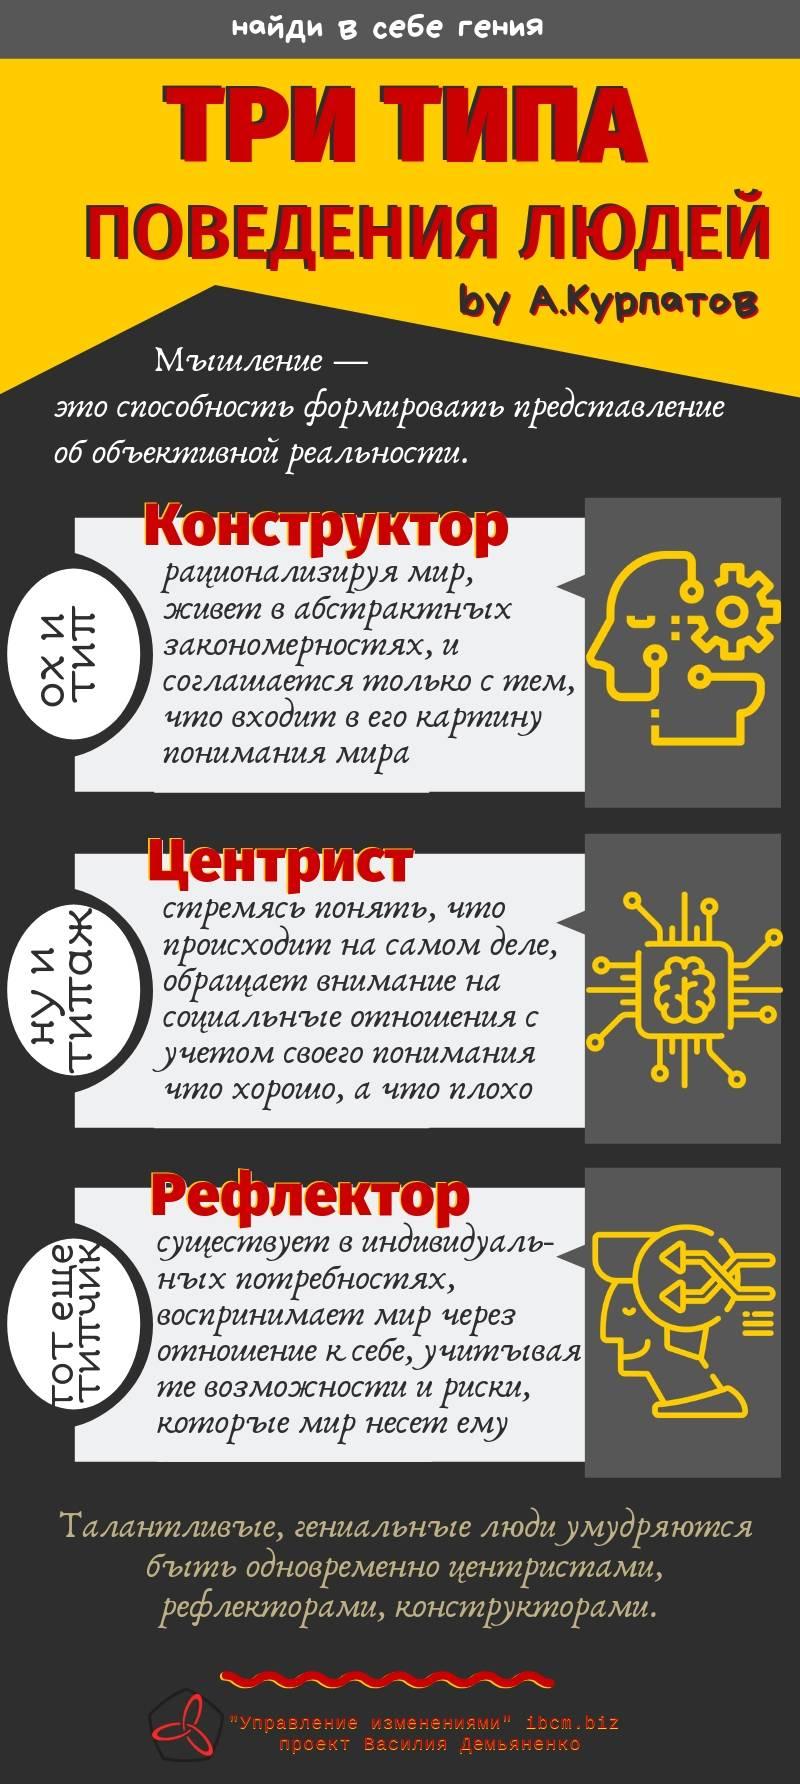 Мышление шизоида - сайт помощи психологам и студентам